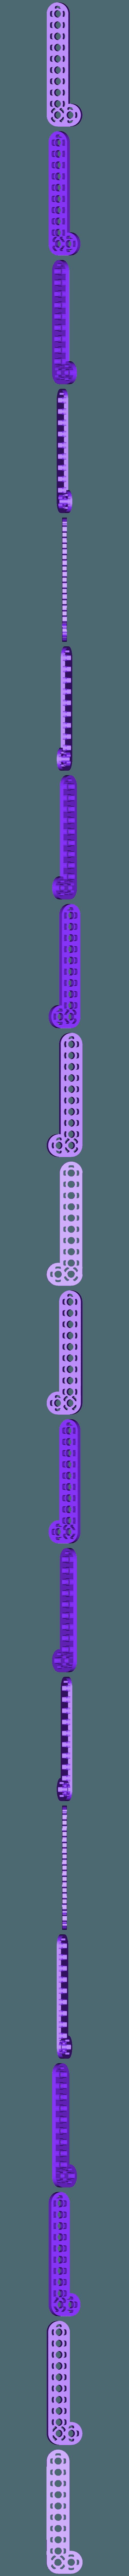 L_2_10.STL Télécharger fichier STL gratuit MEGA Expansion 200+ Pièces • Plan à imprimer en 3D, Pwentey